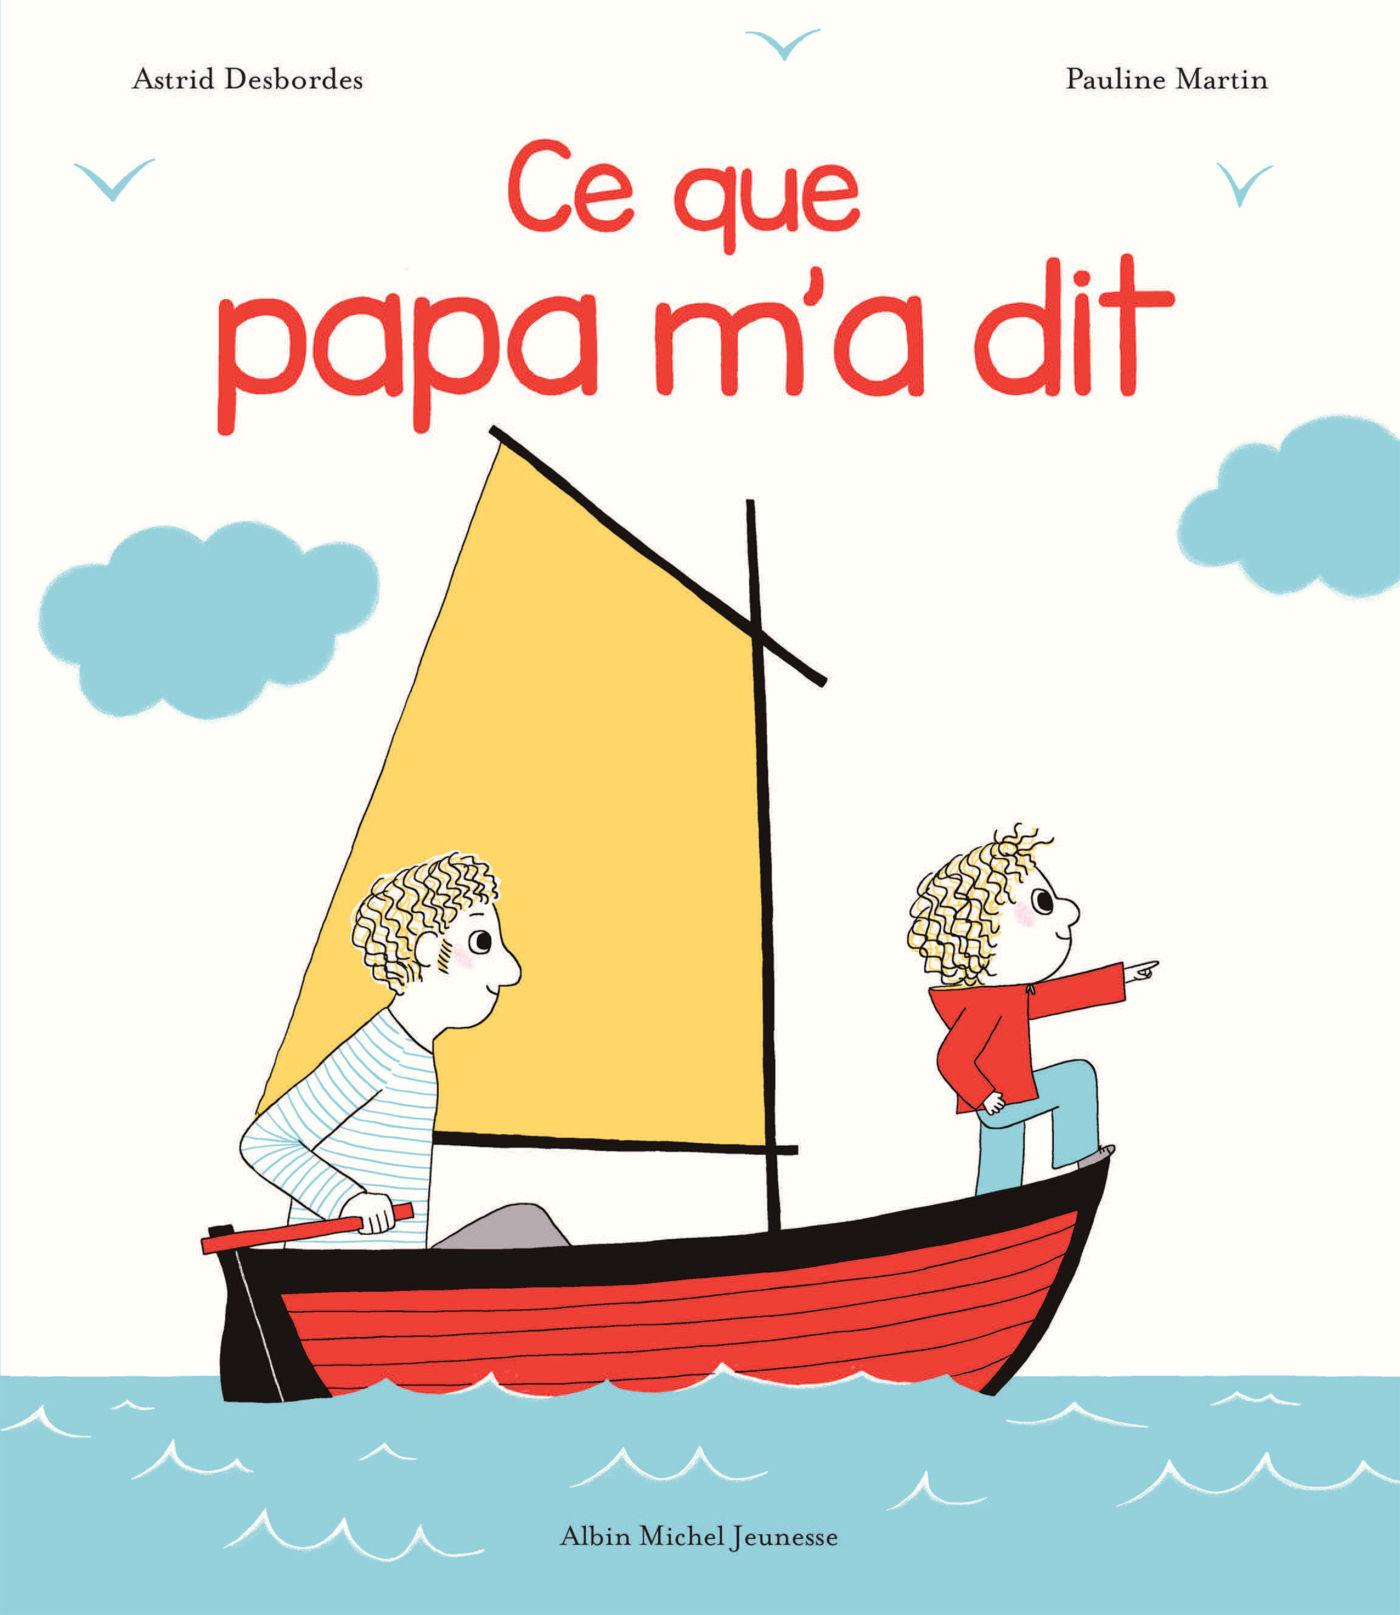 Ce que papa m\'a dit de Astrid Desbordes (Auteur), Pauline Martin (Illustrations)